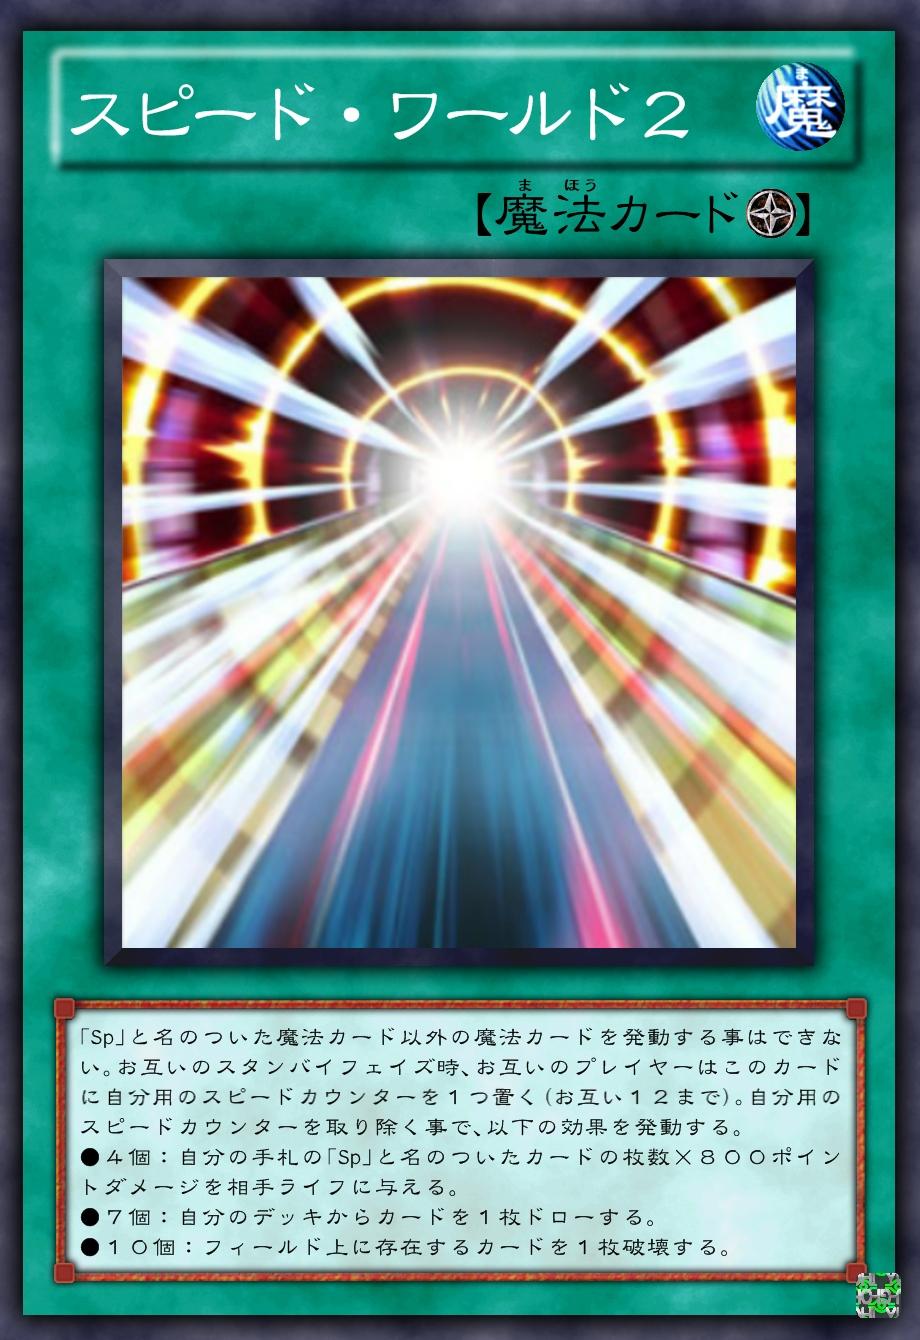 スピード・ワールド2